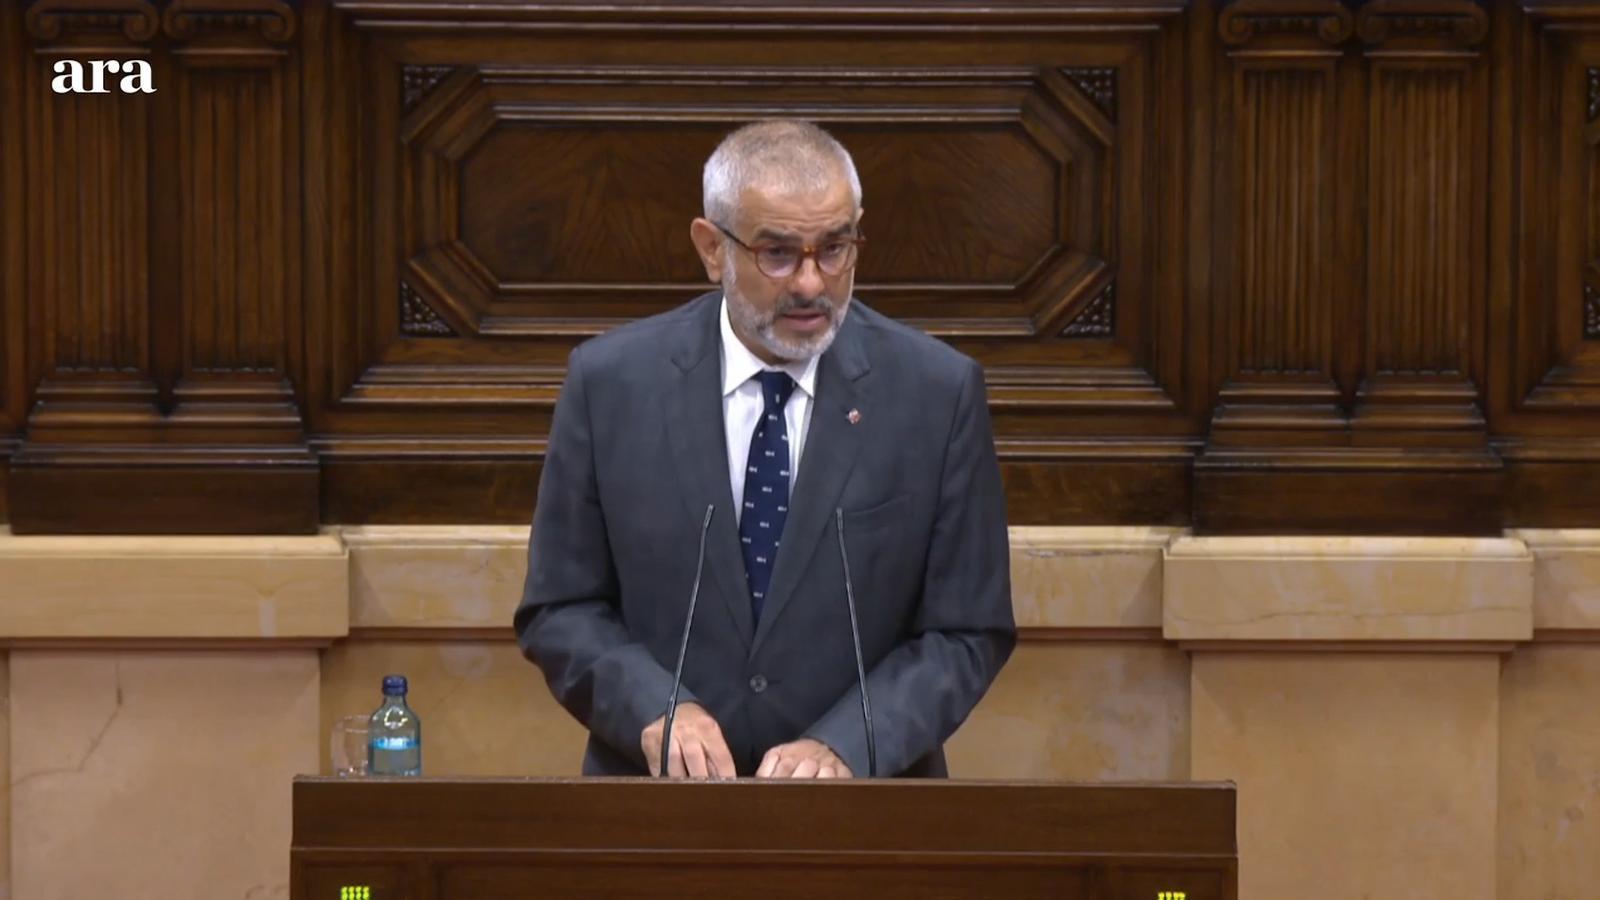 """Carrizosa (Cs): """"No aconseguiran empobrir més Catalunya, recuperarem Catalunya. Senyor Torra adeu"""""""